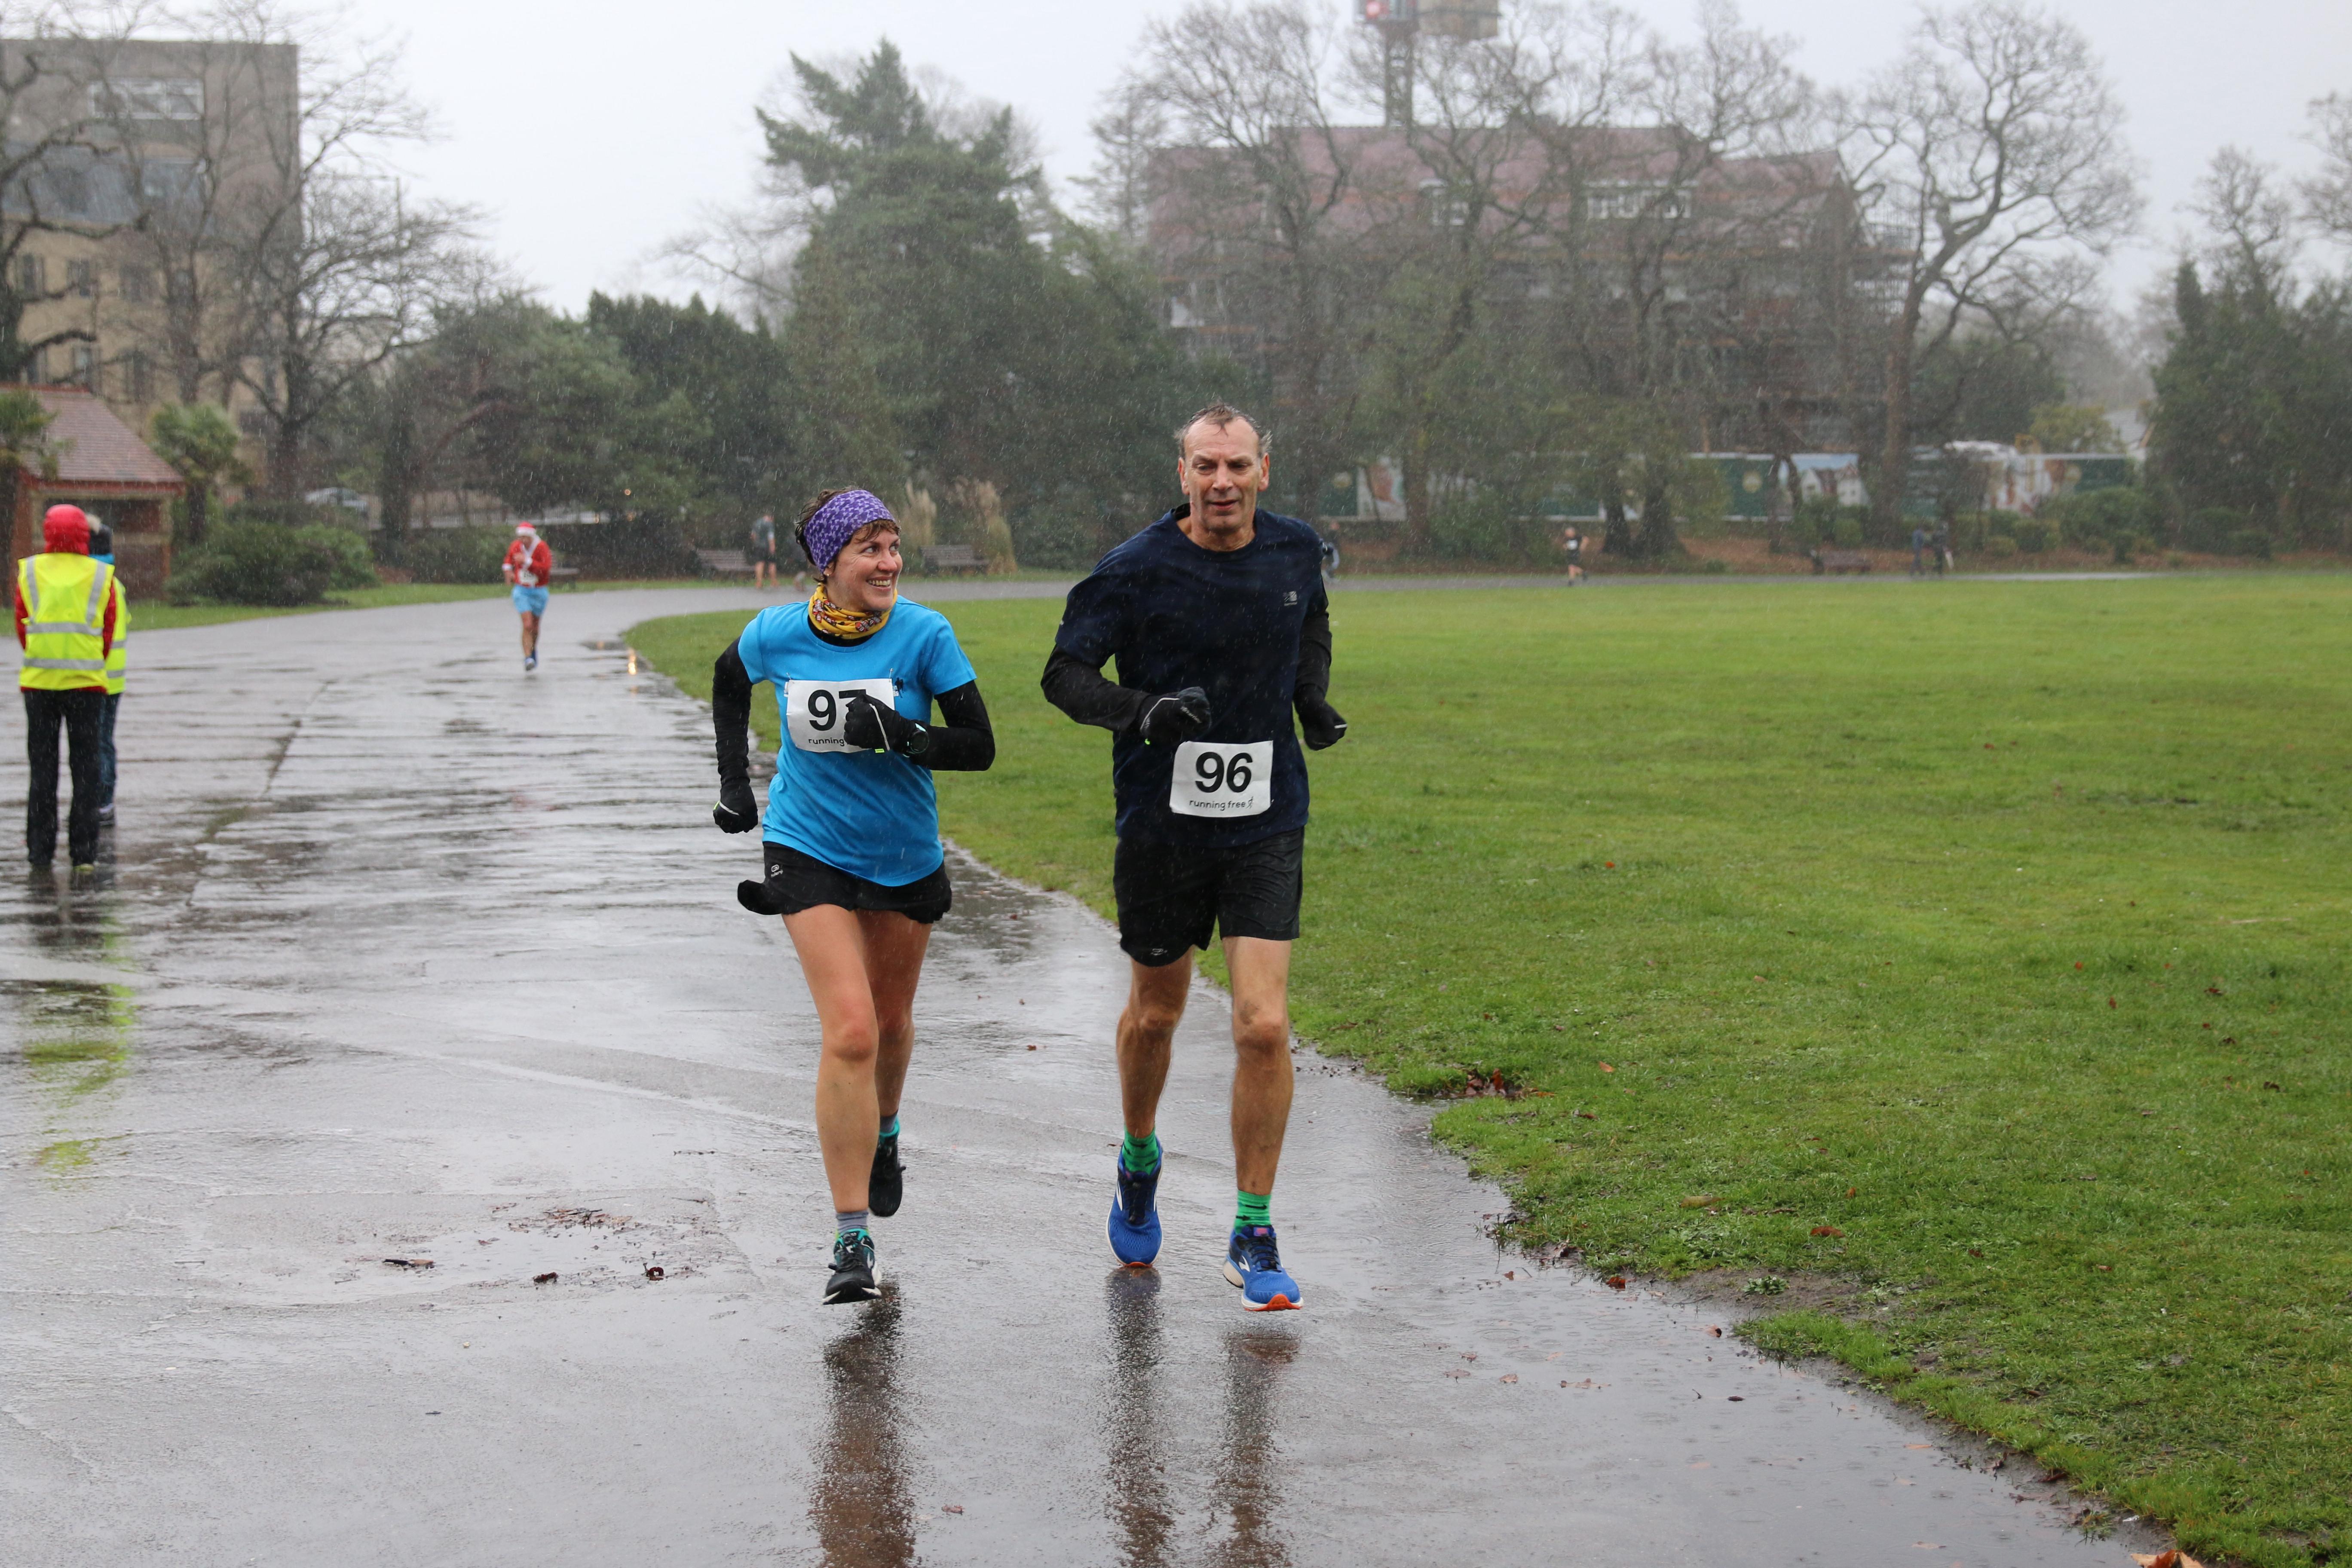 Kirsty Drewett running alongside her dad Robert